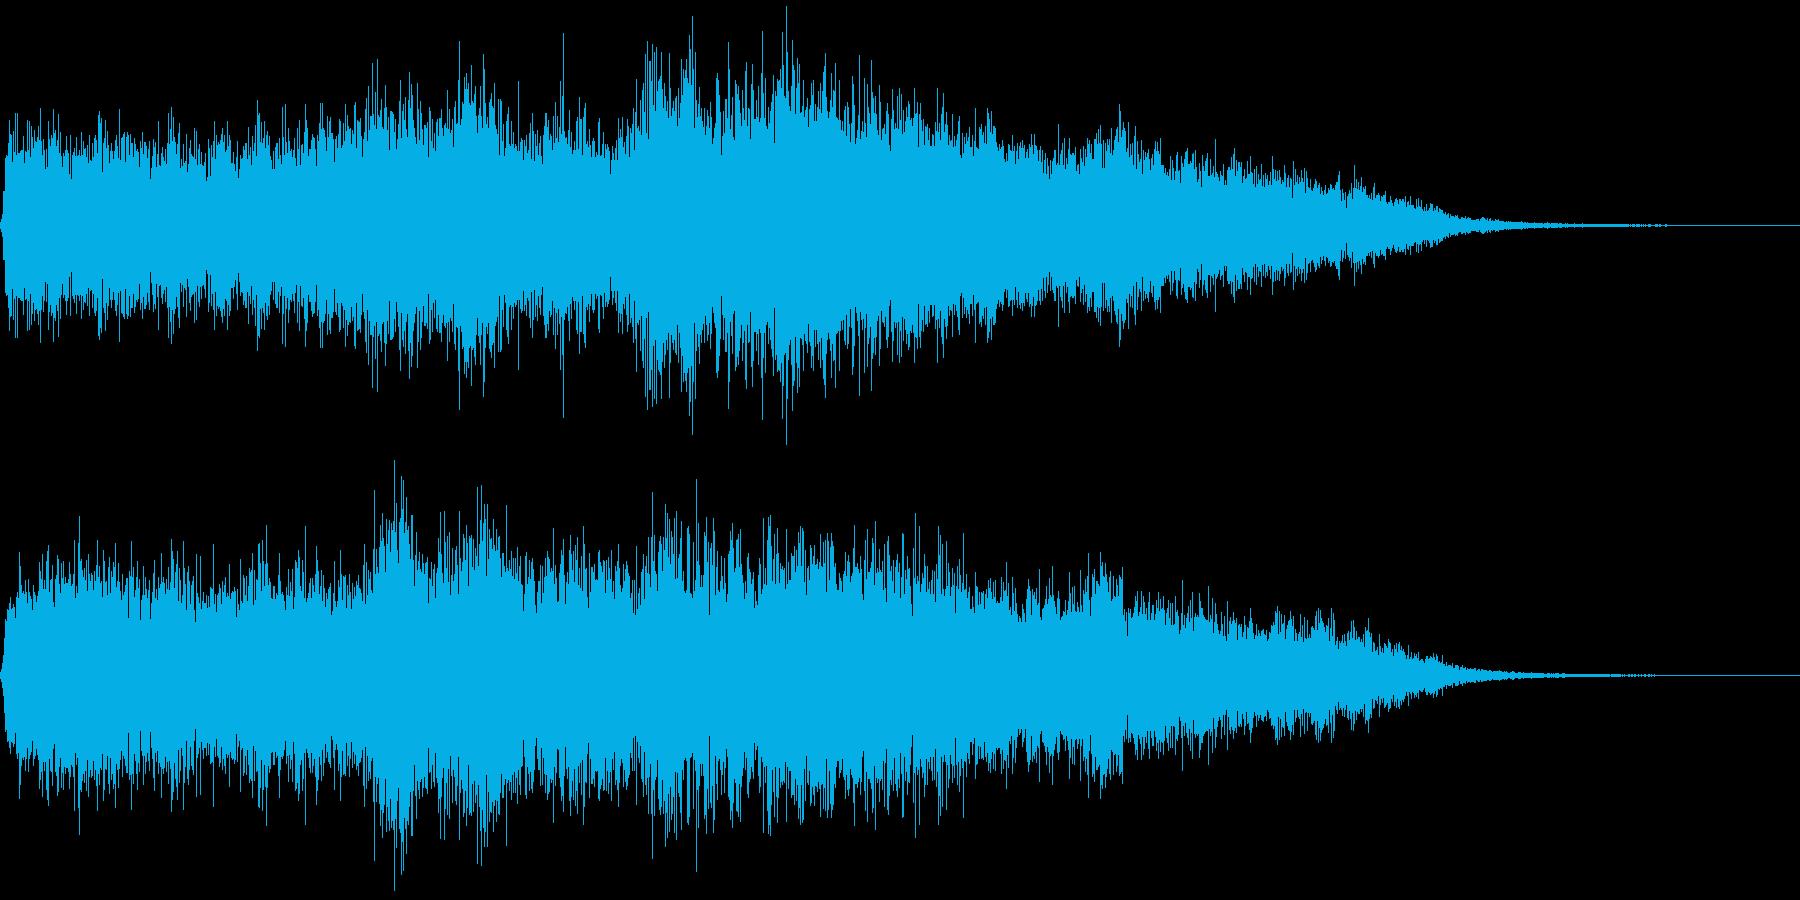 管弦楽による戦闘敗北直後用ジングルの再生済みの波形